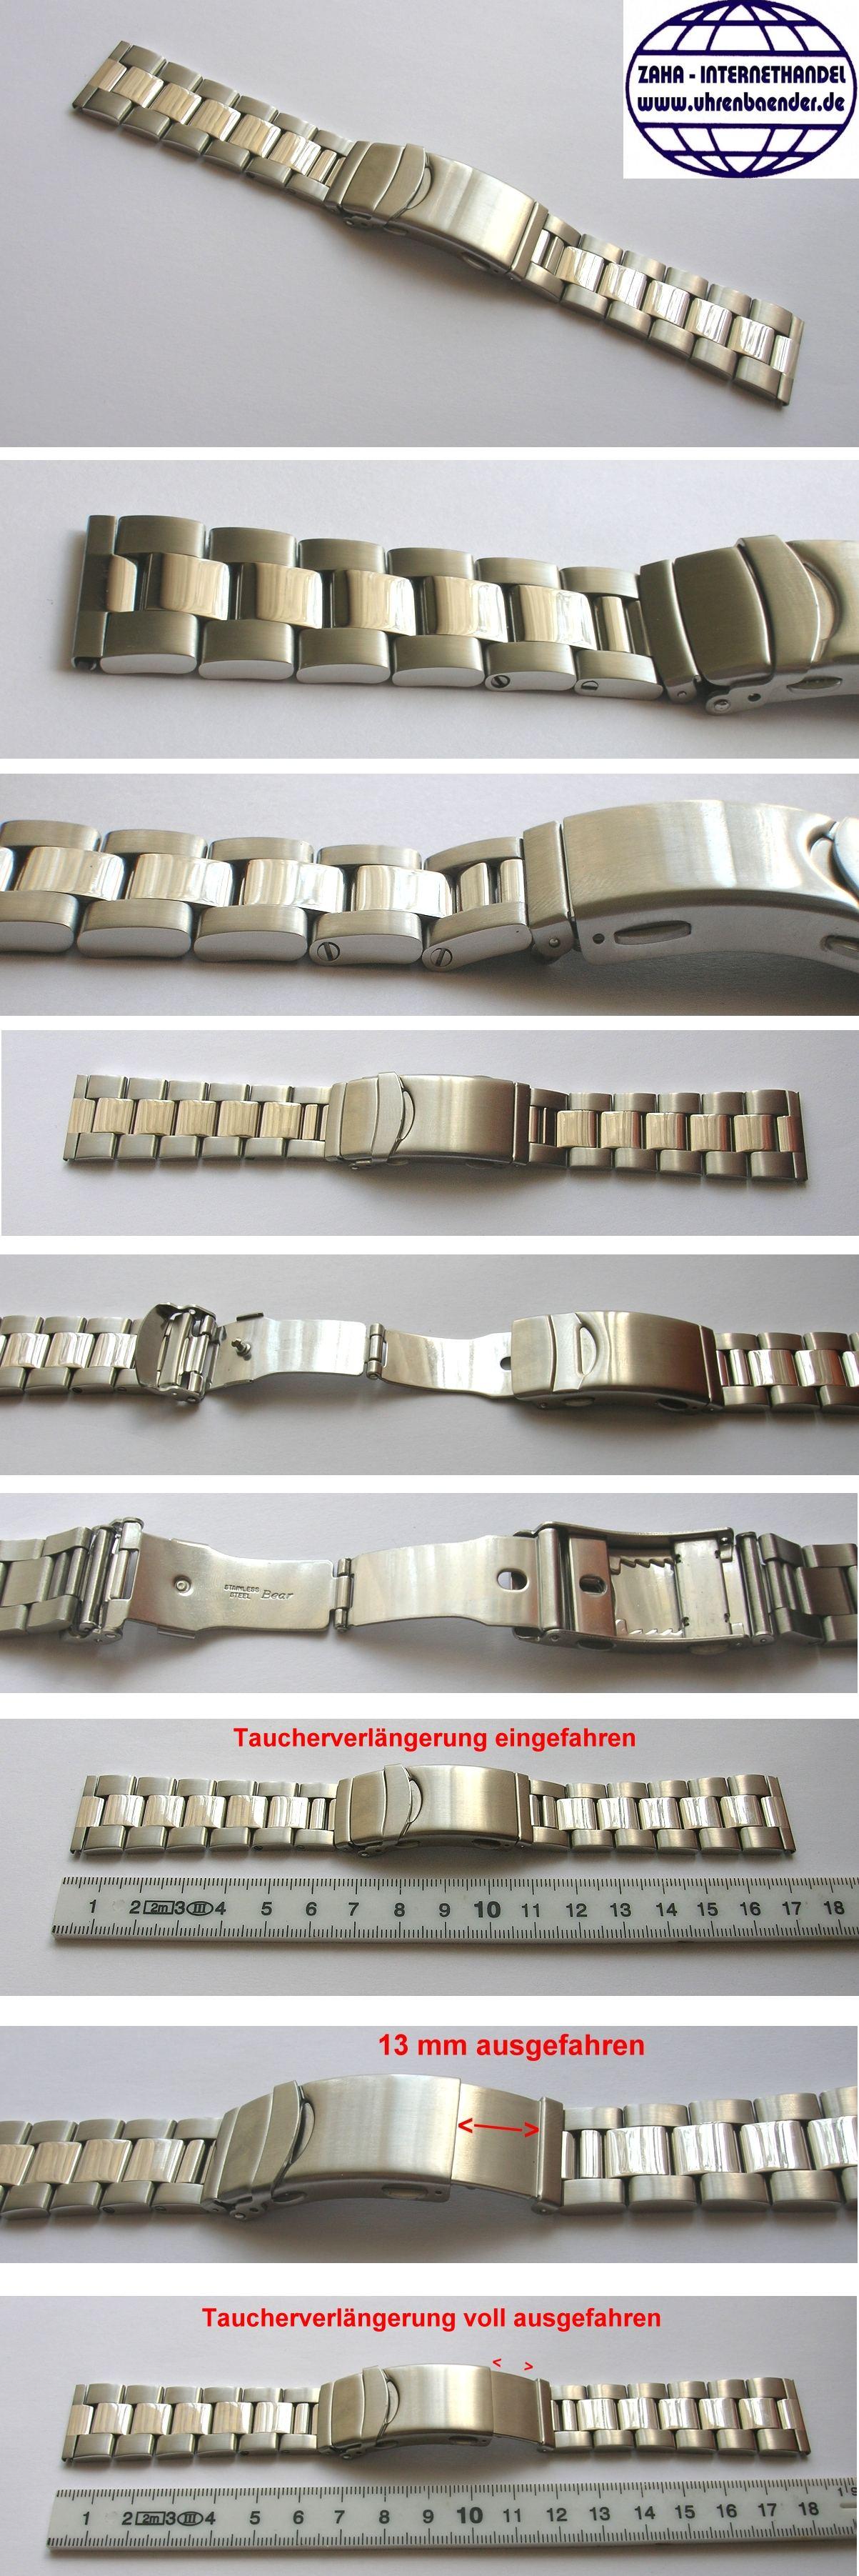 XL Uhrenarmband-Zugband-Flexband-Edelstahlband 10mm Matt oder Glänzend Länge